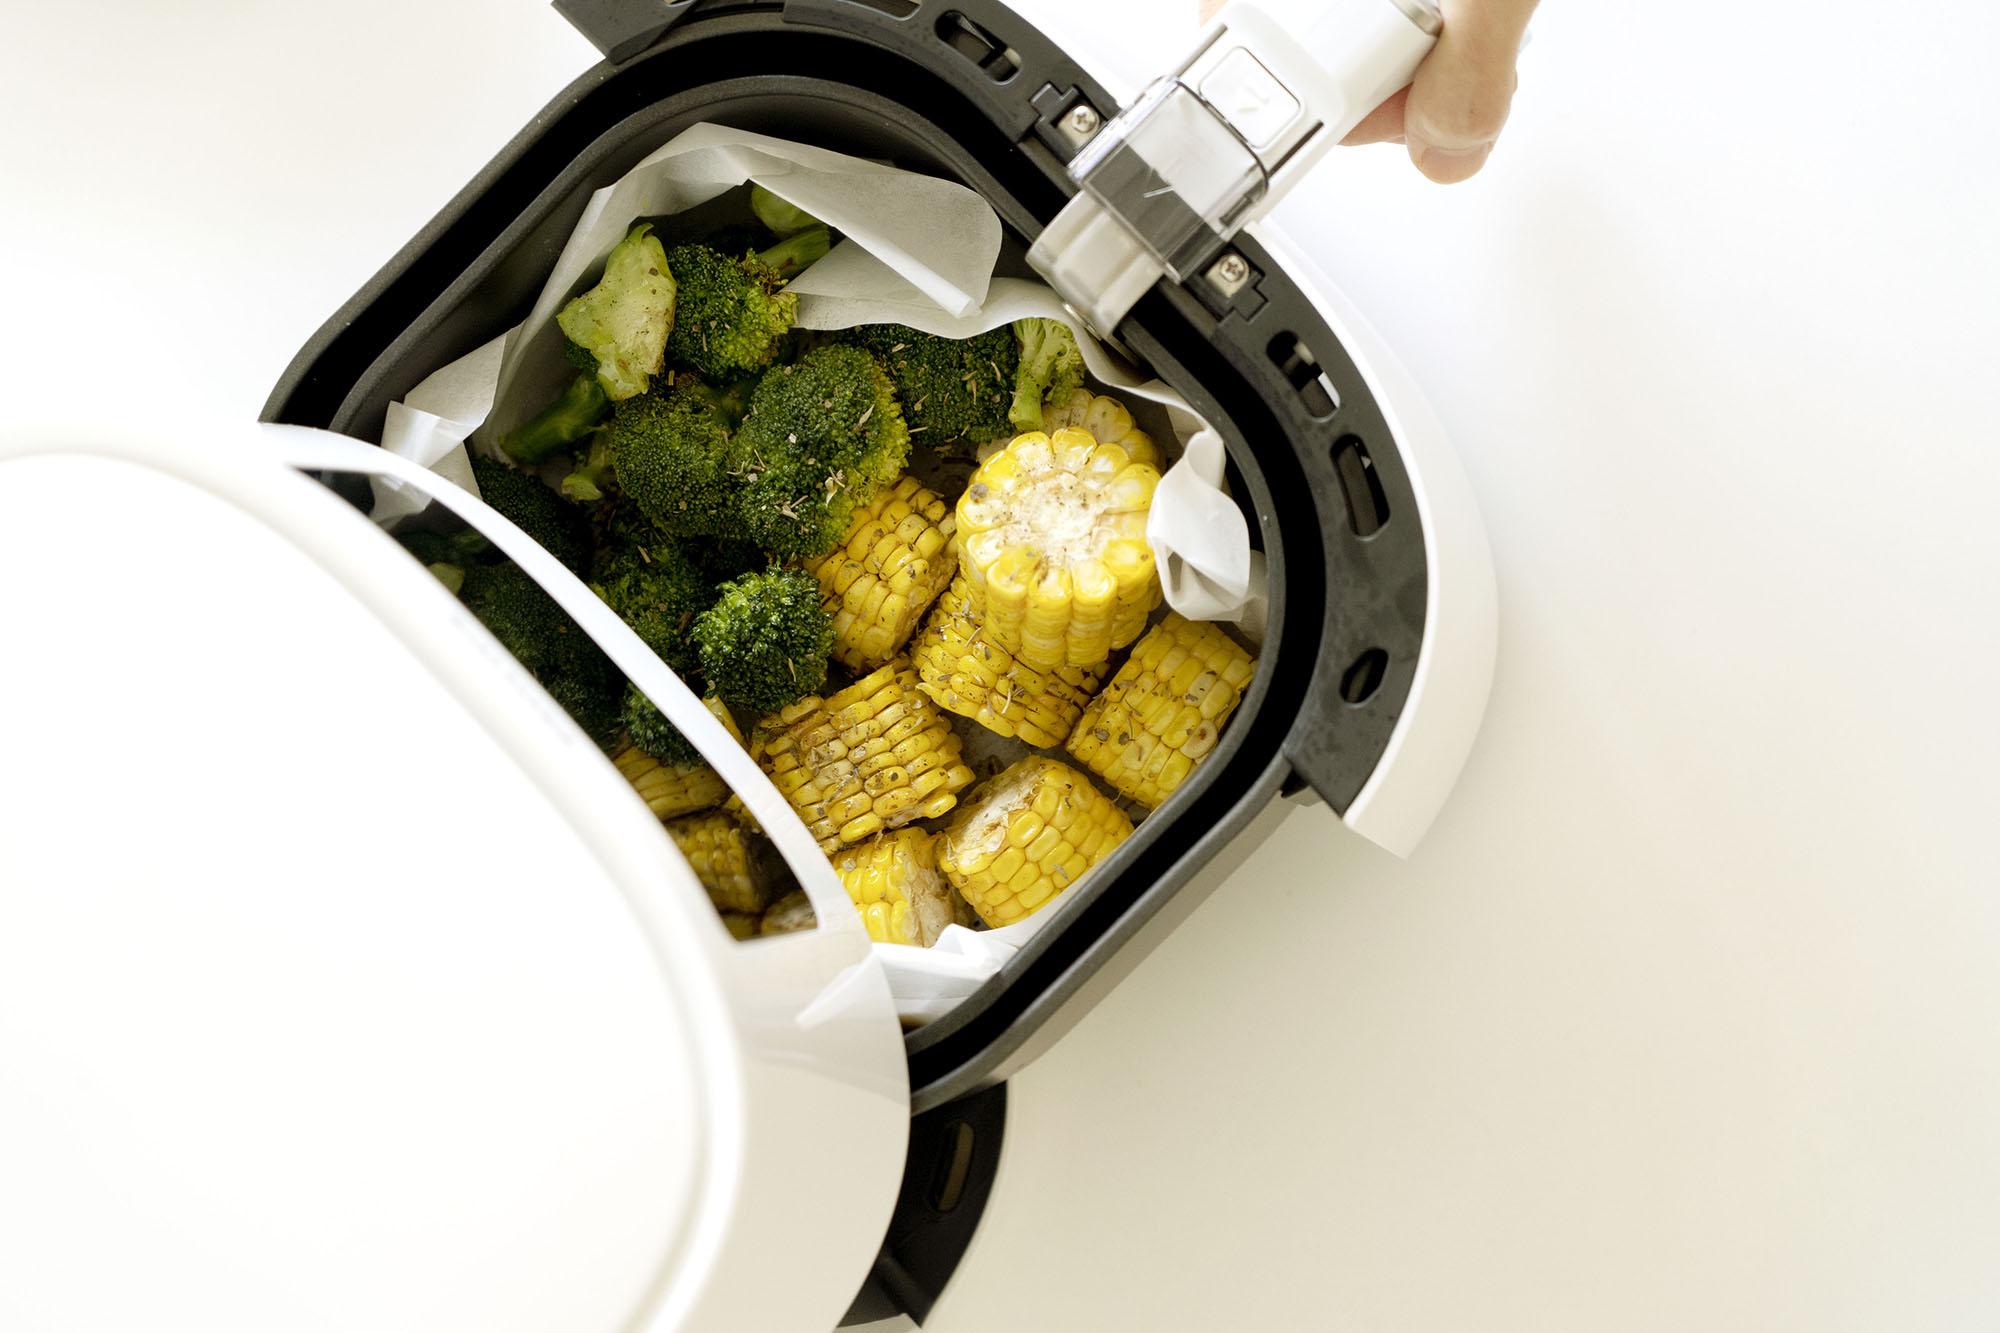 想念的早午餐,我用飛利浦氣炸鍋HD9252輕鬆又快速美味上桌。